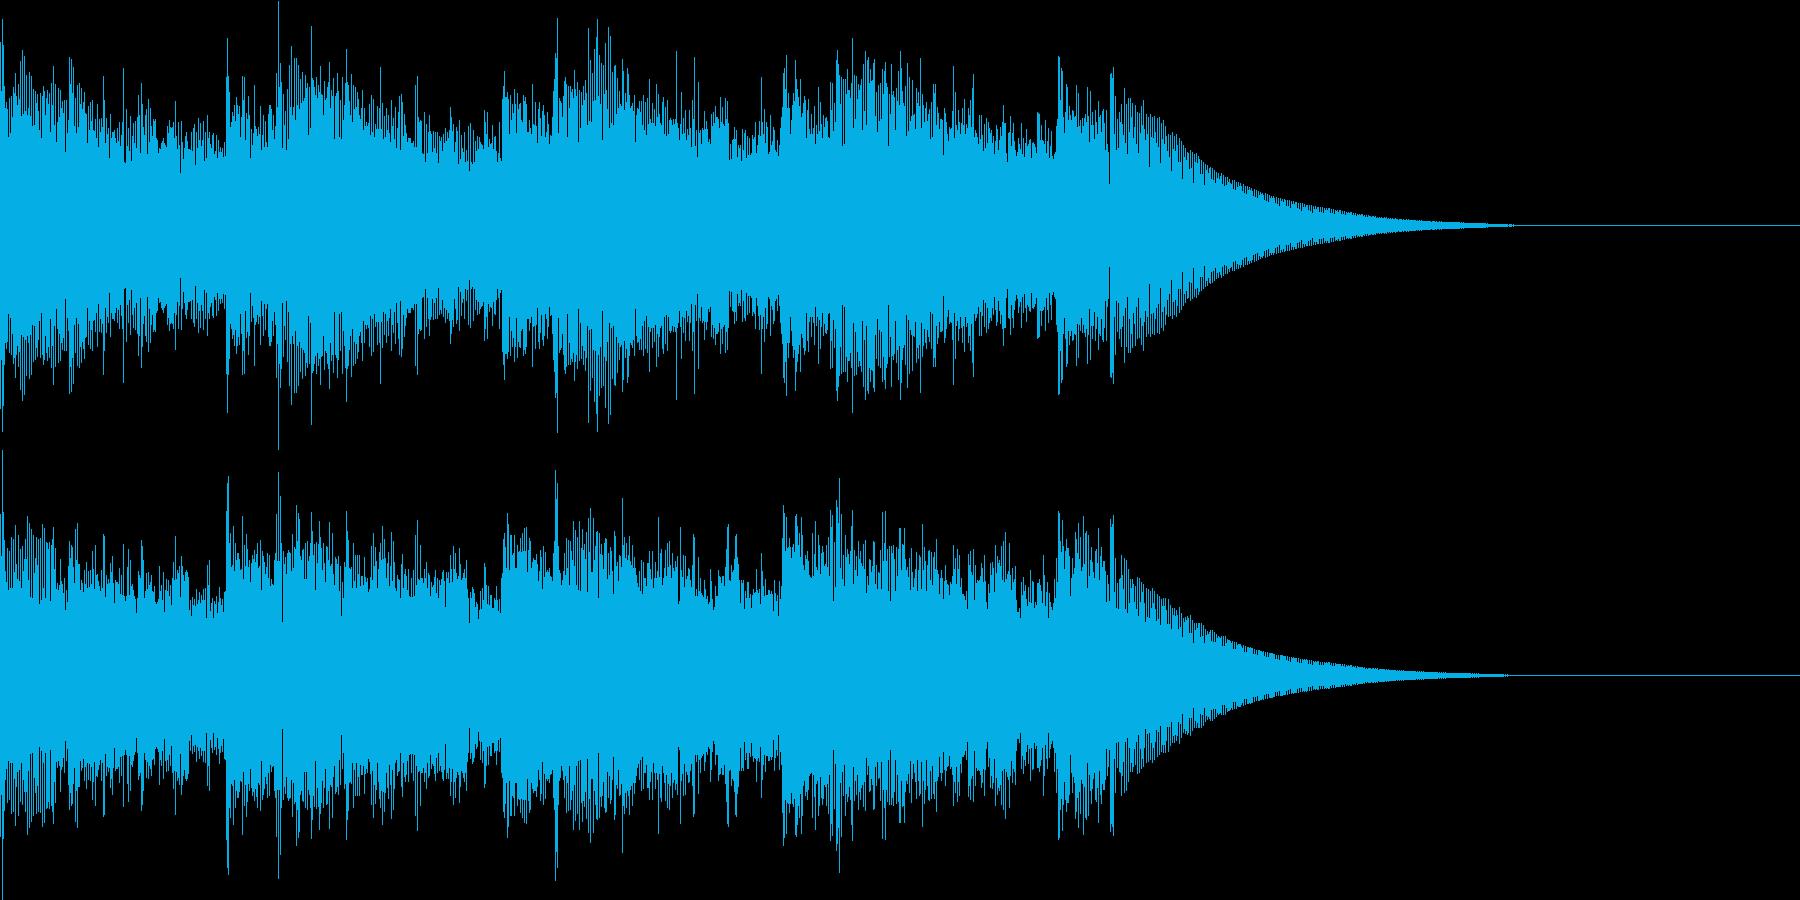 エレキギターのヘビーBGMの再生済みの波形